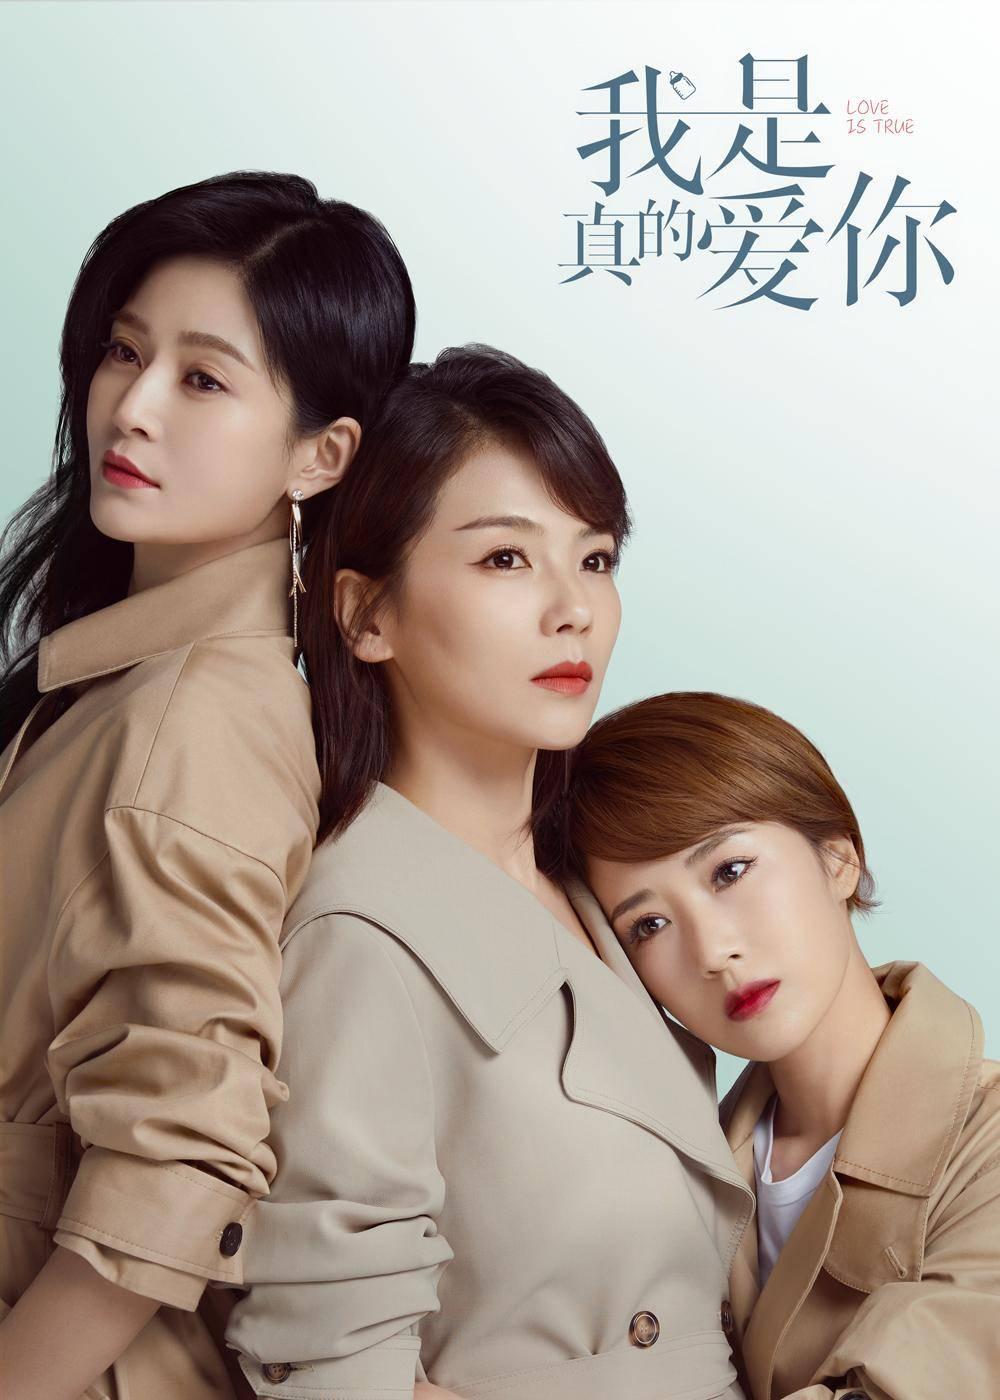 聚焦丁克、全职妈妈、职场妈妈,刘涛新作能破圈吗?